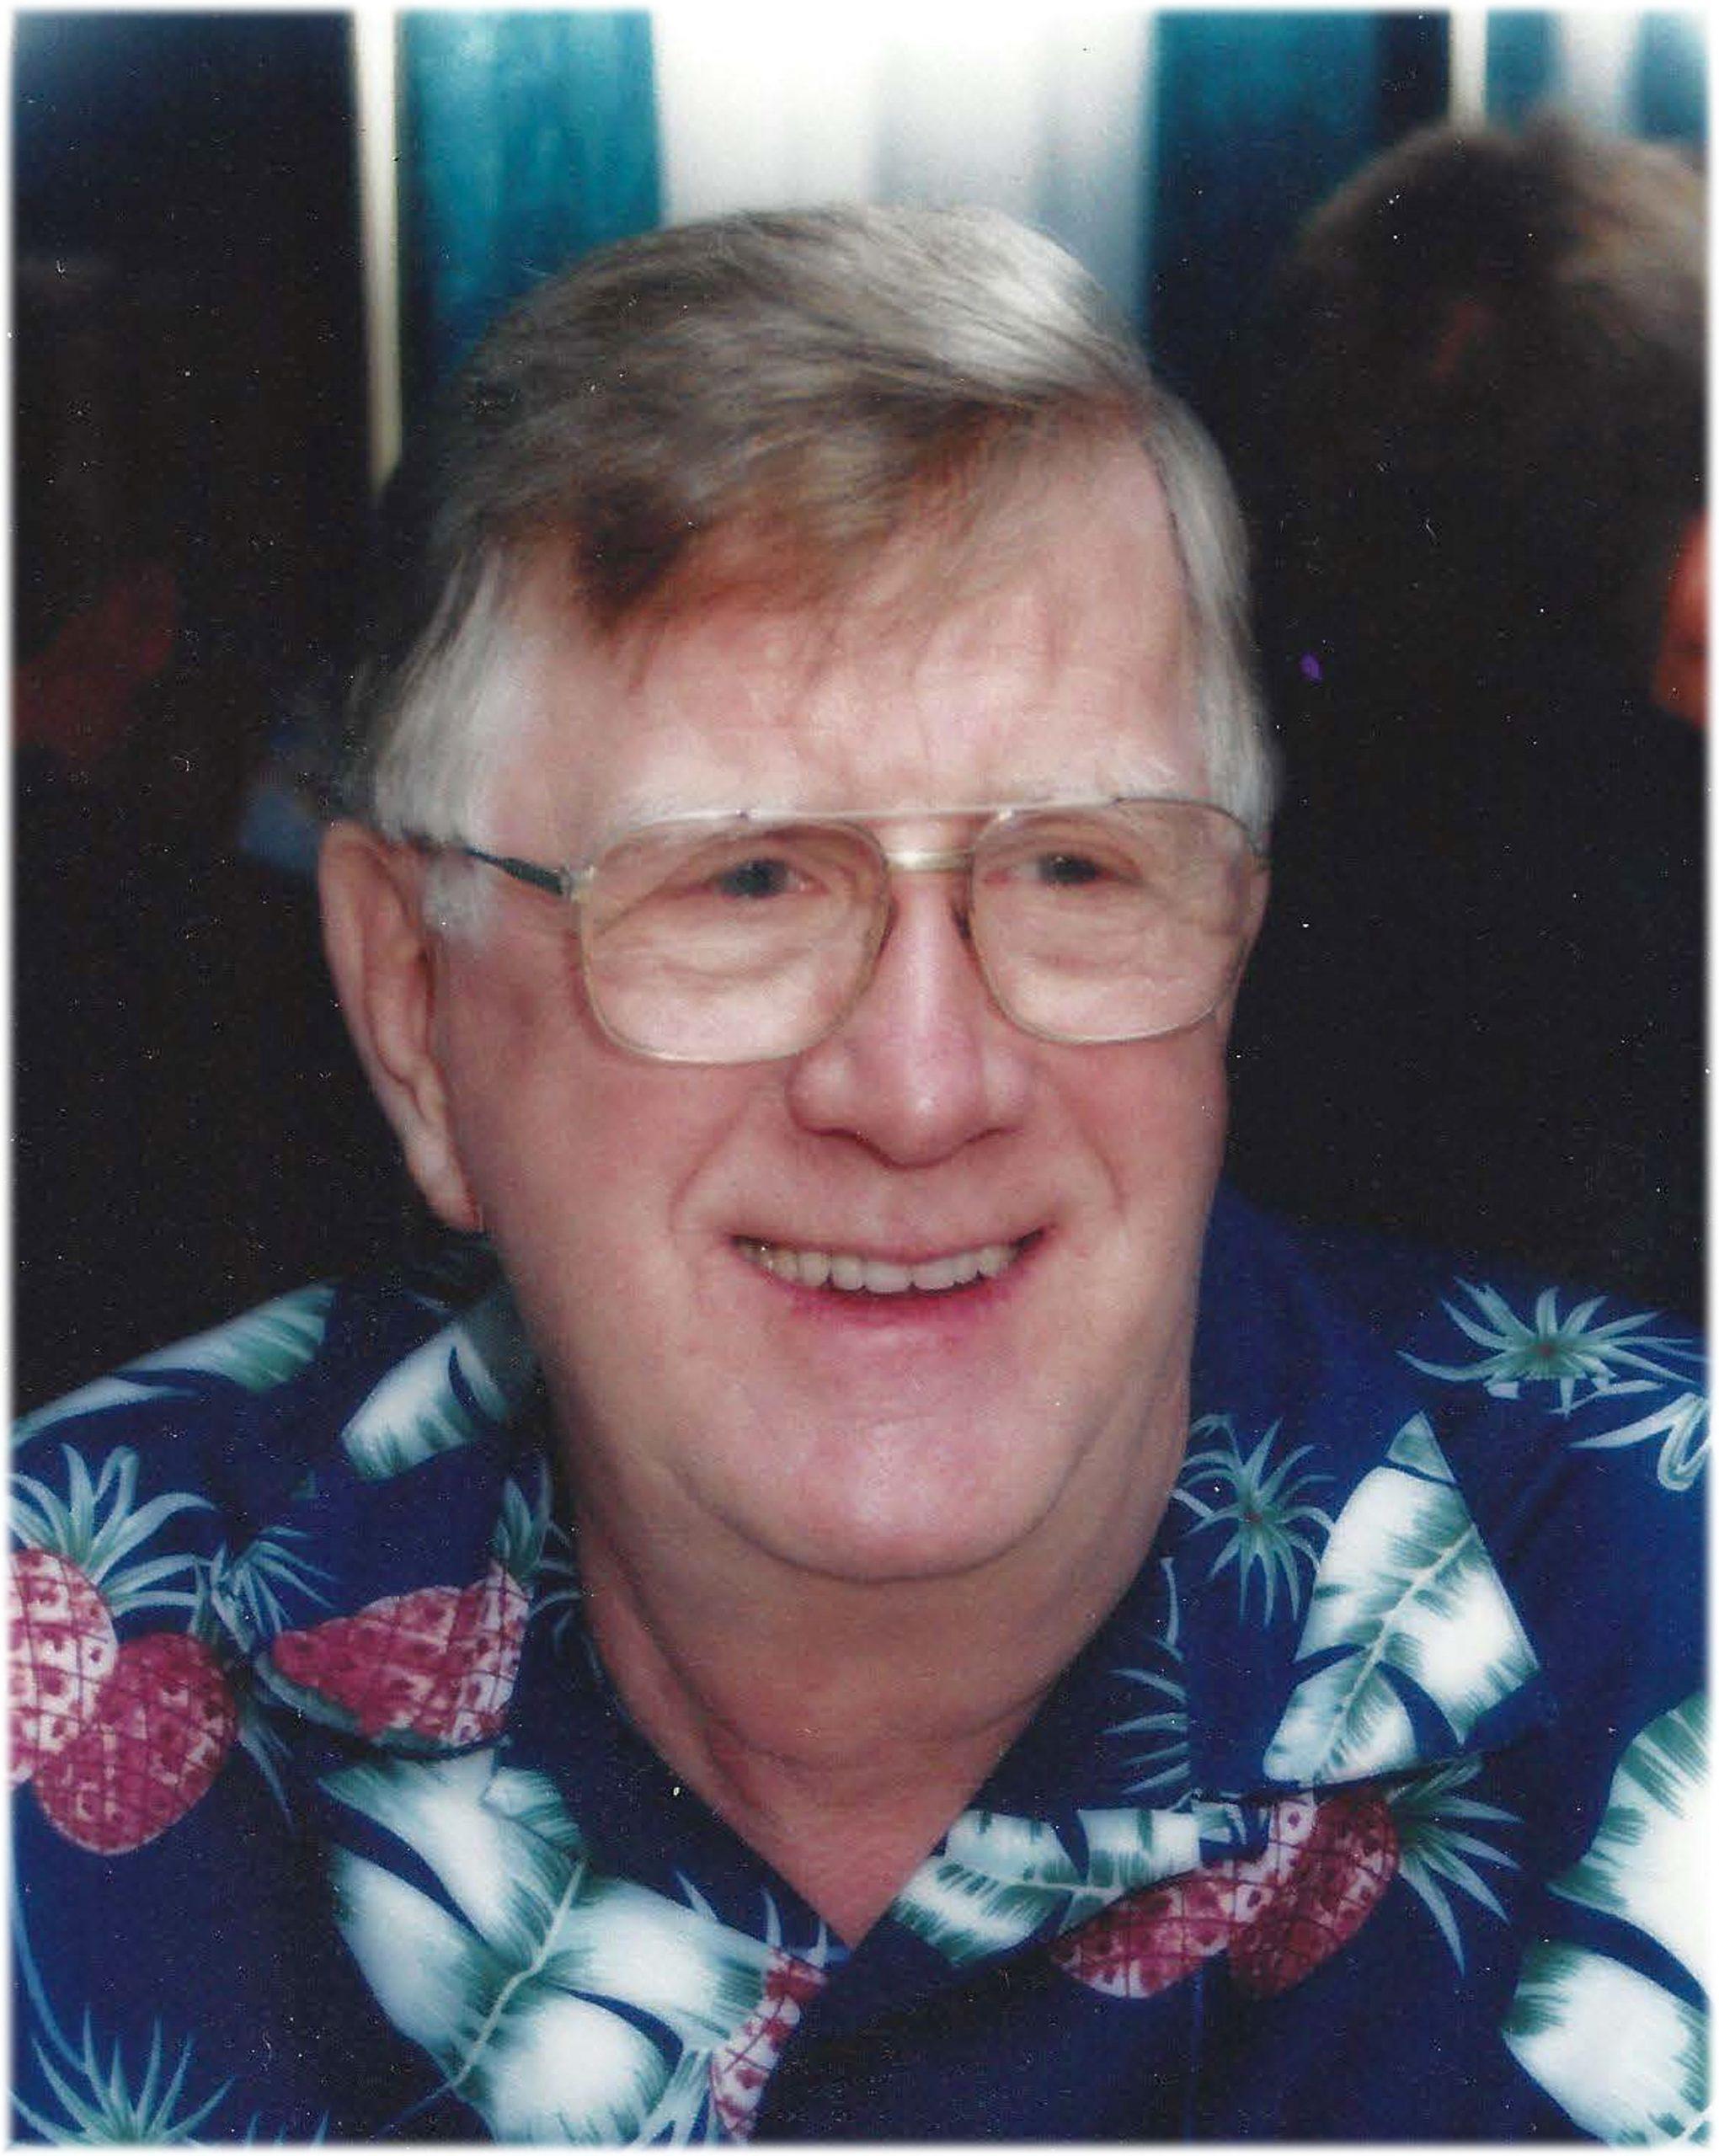 John H. De Jong